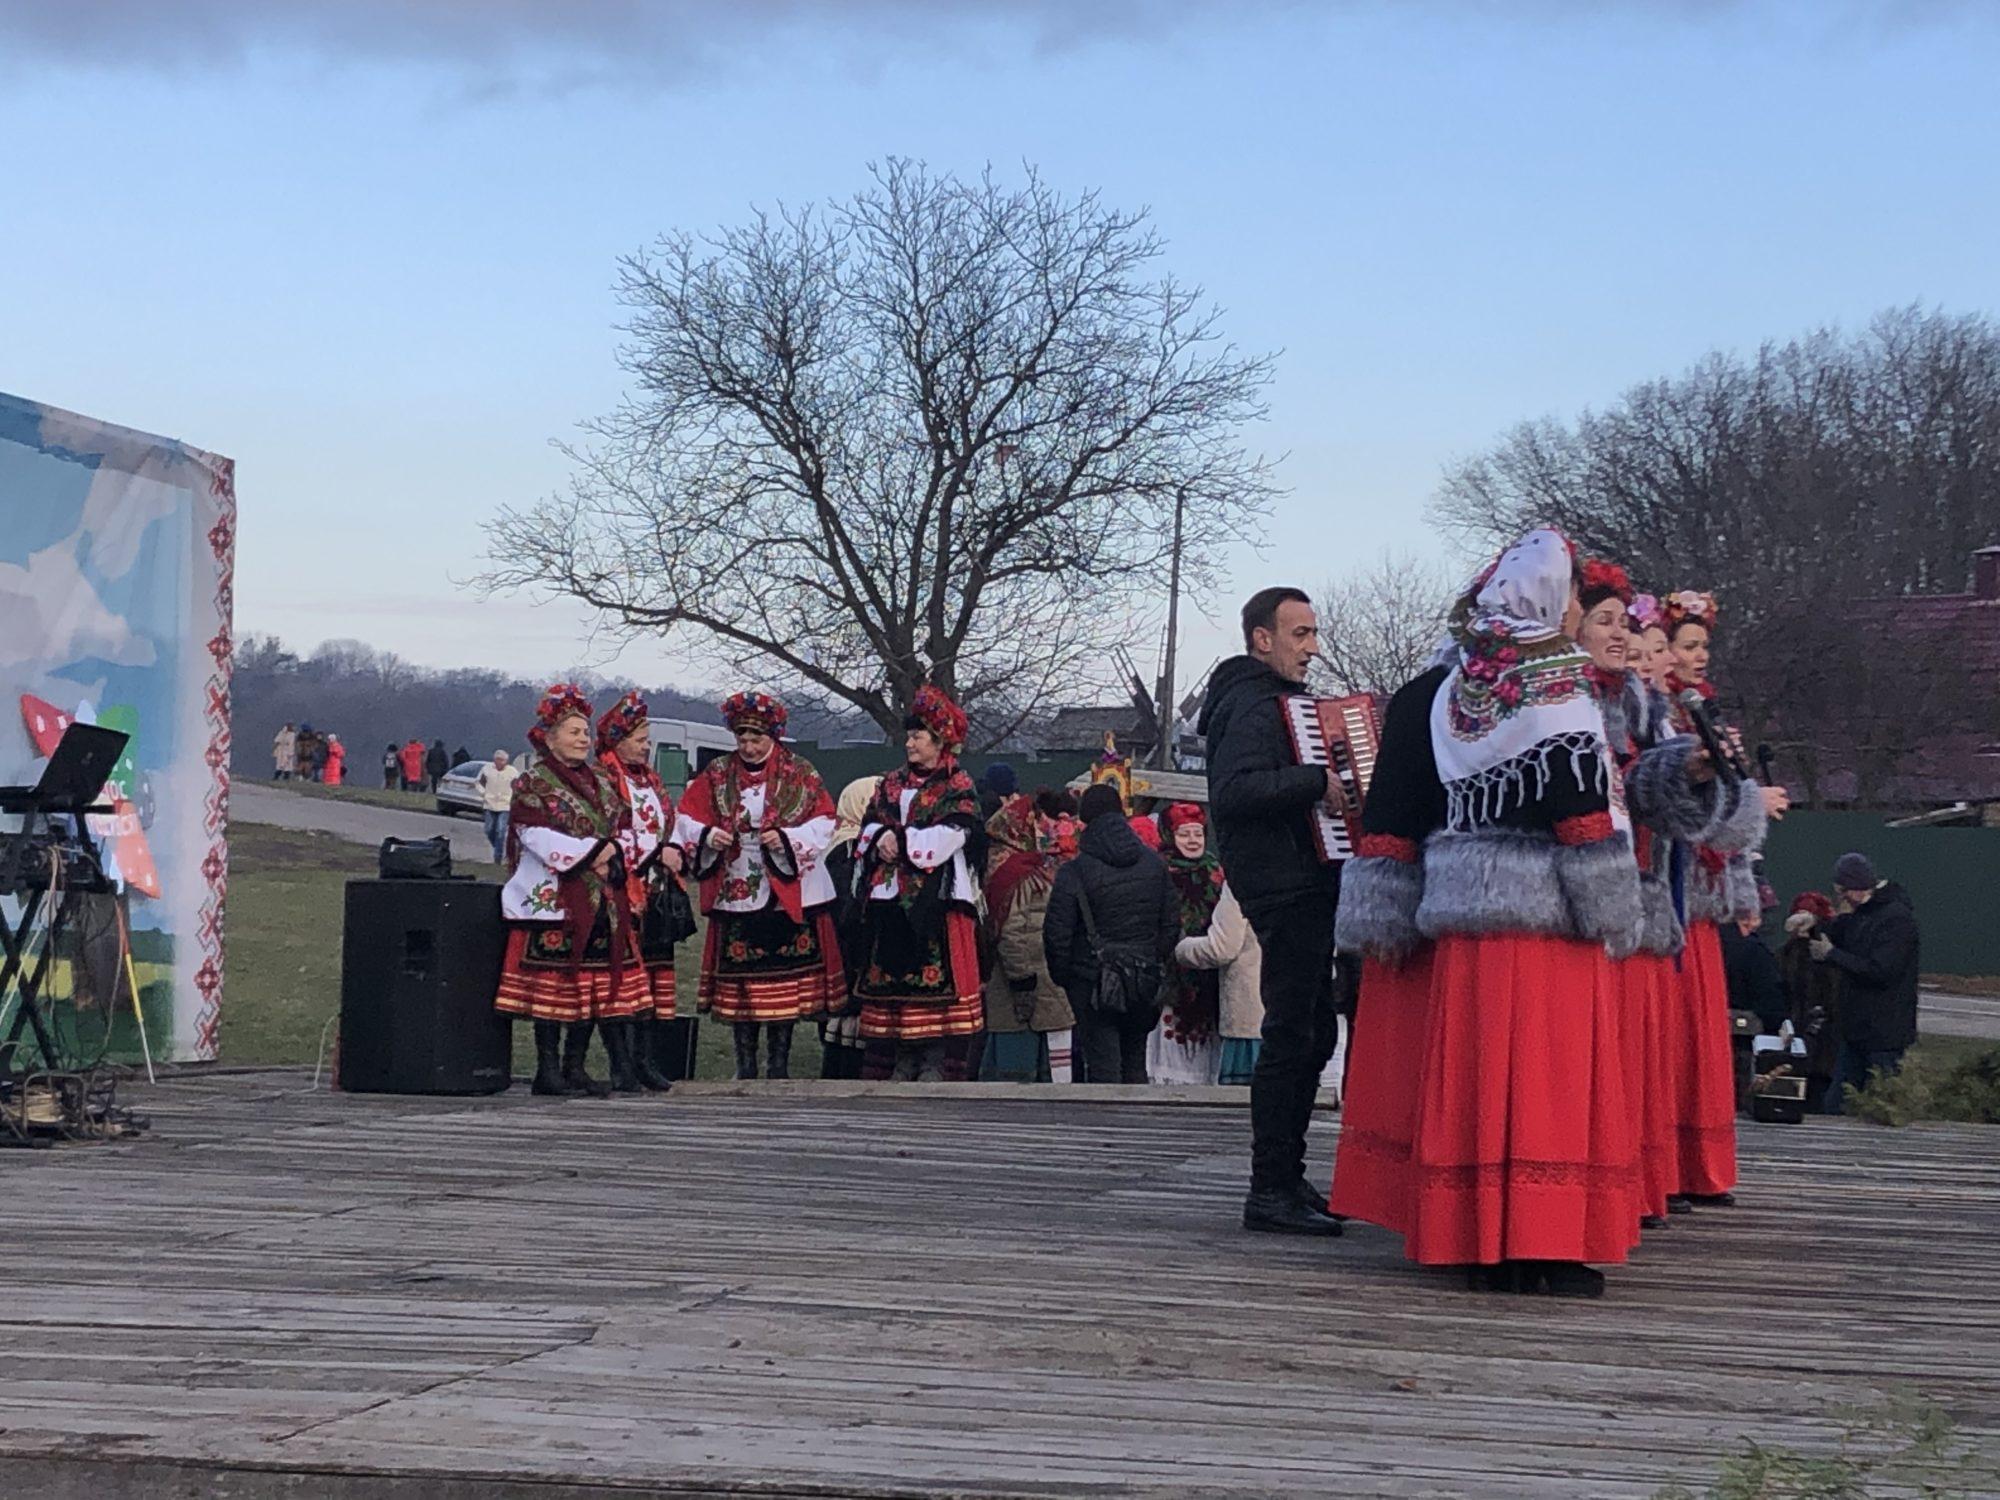 Різдво в Пирогово - Пирогово - 7A2AC597 1313 443B 8523 9613F70D3294 2000x1500